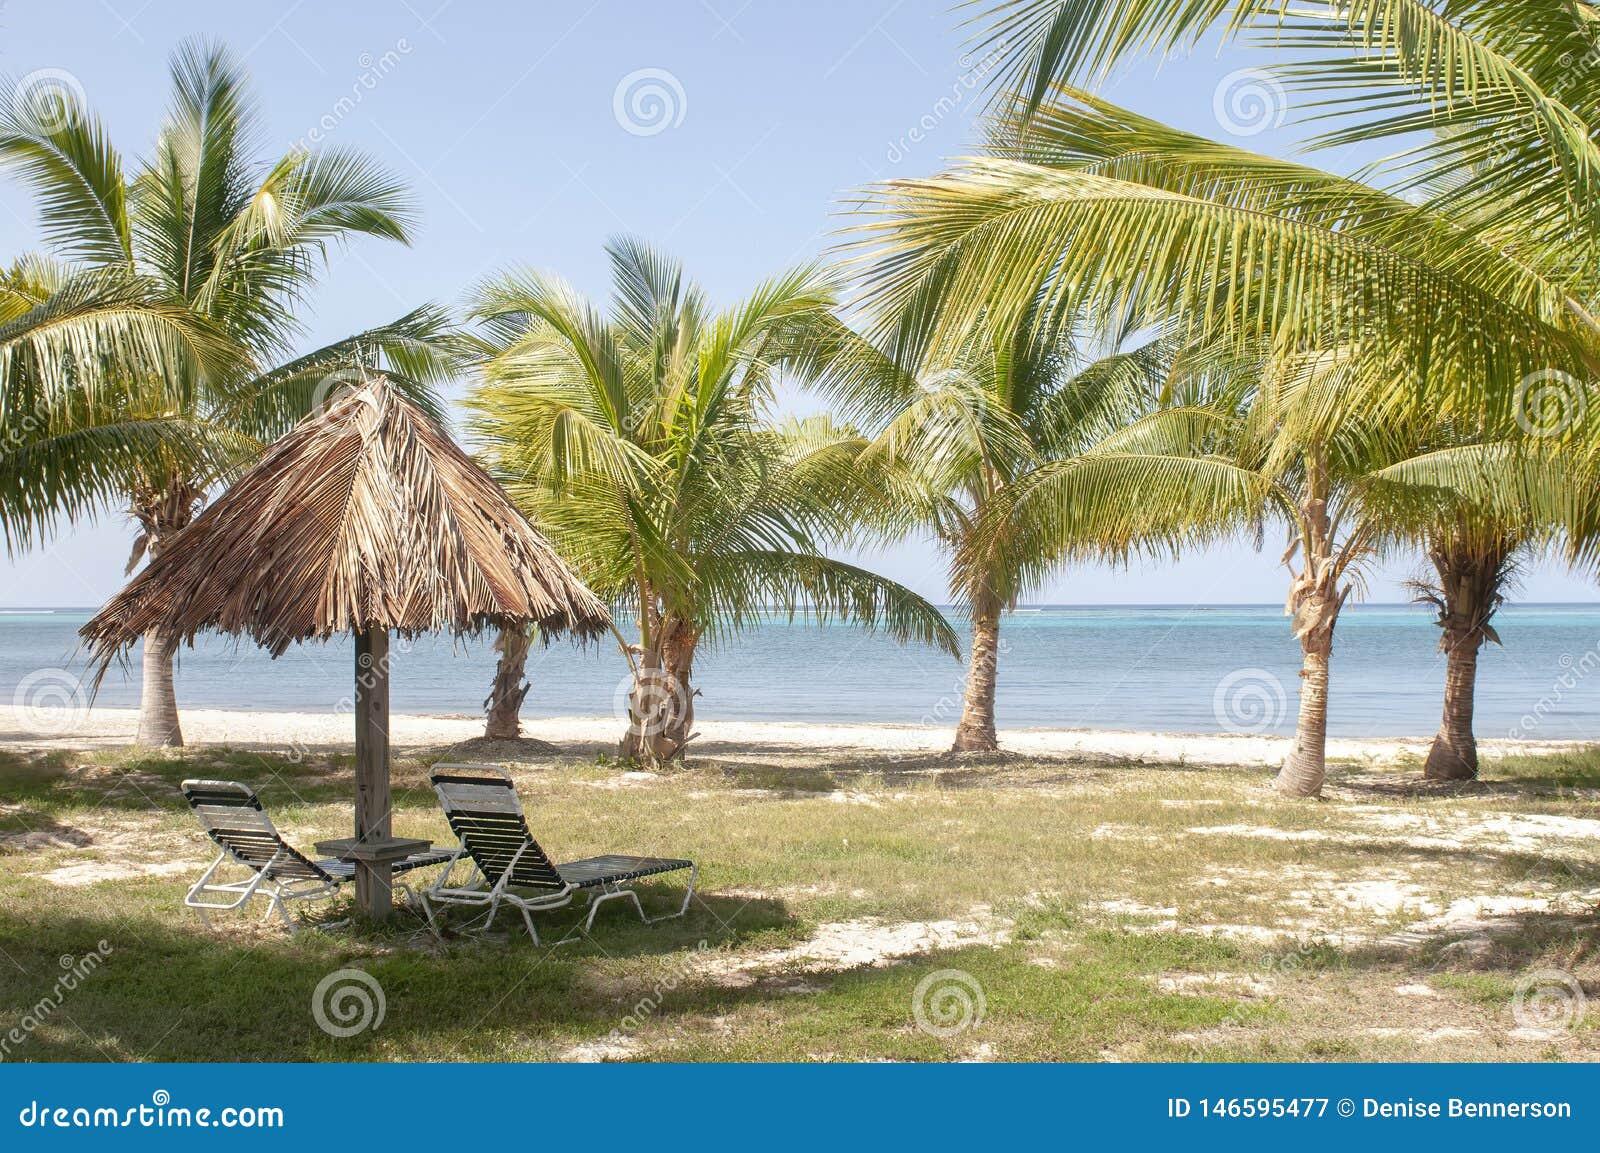 Buda z krzesłami i drzewkami palmowymi na plaża krajobrazie z Pięknymi błękitnymi wodami na wyspie